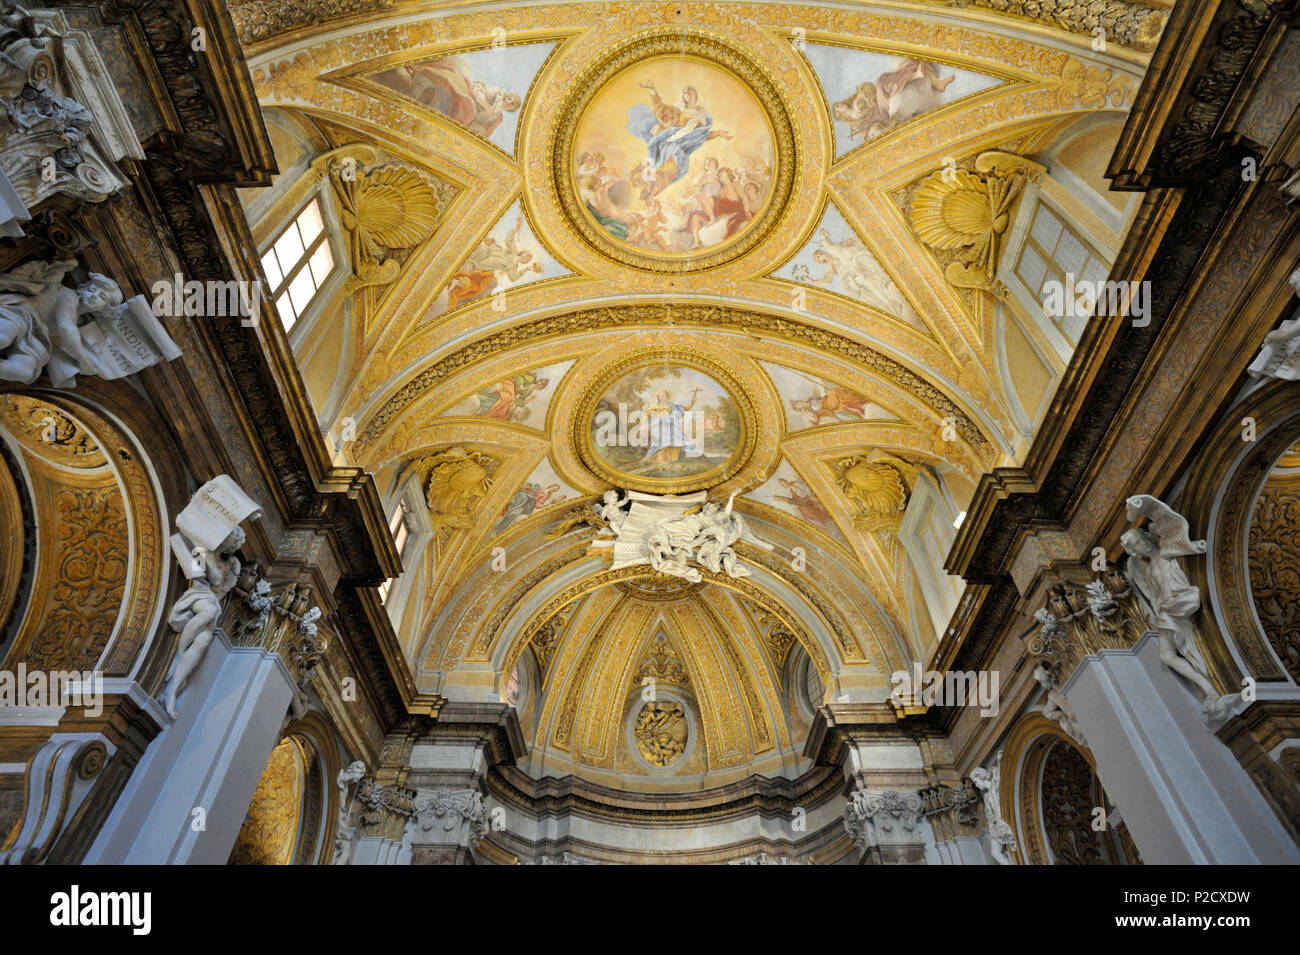 Soffitto affreschi di Giovanni Battista Gaulli, noto anche come Baciccio, chiesa sconsacrata di Santa Marta al Collegio Romano (XVII secolo) Roma, Italia Immagini Stock